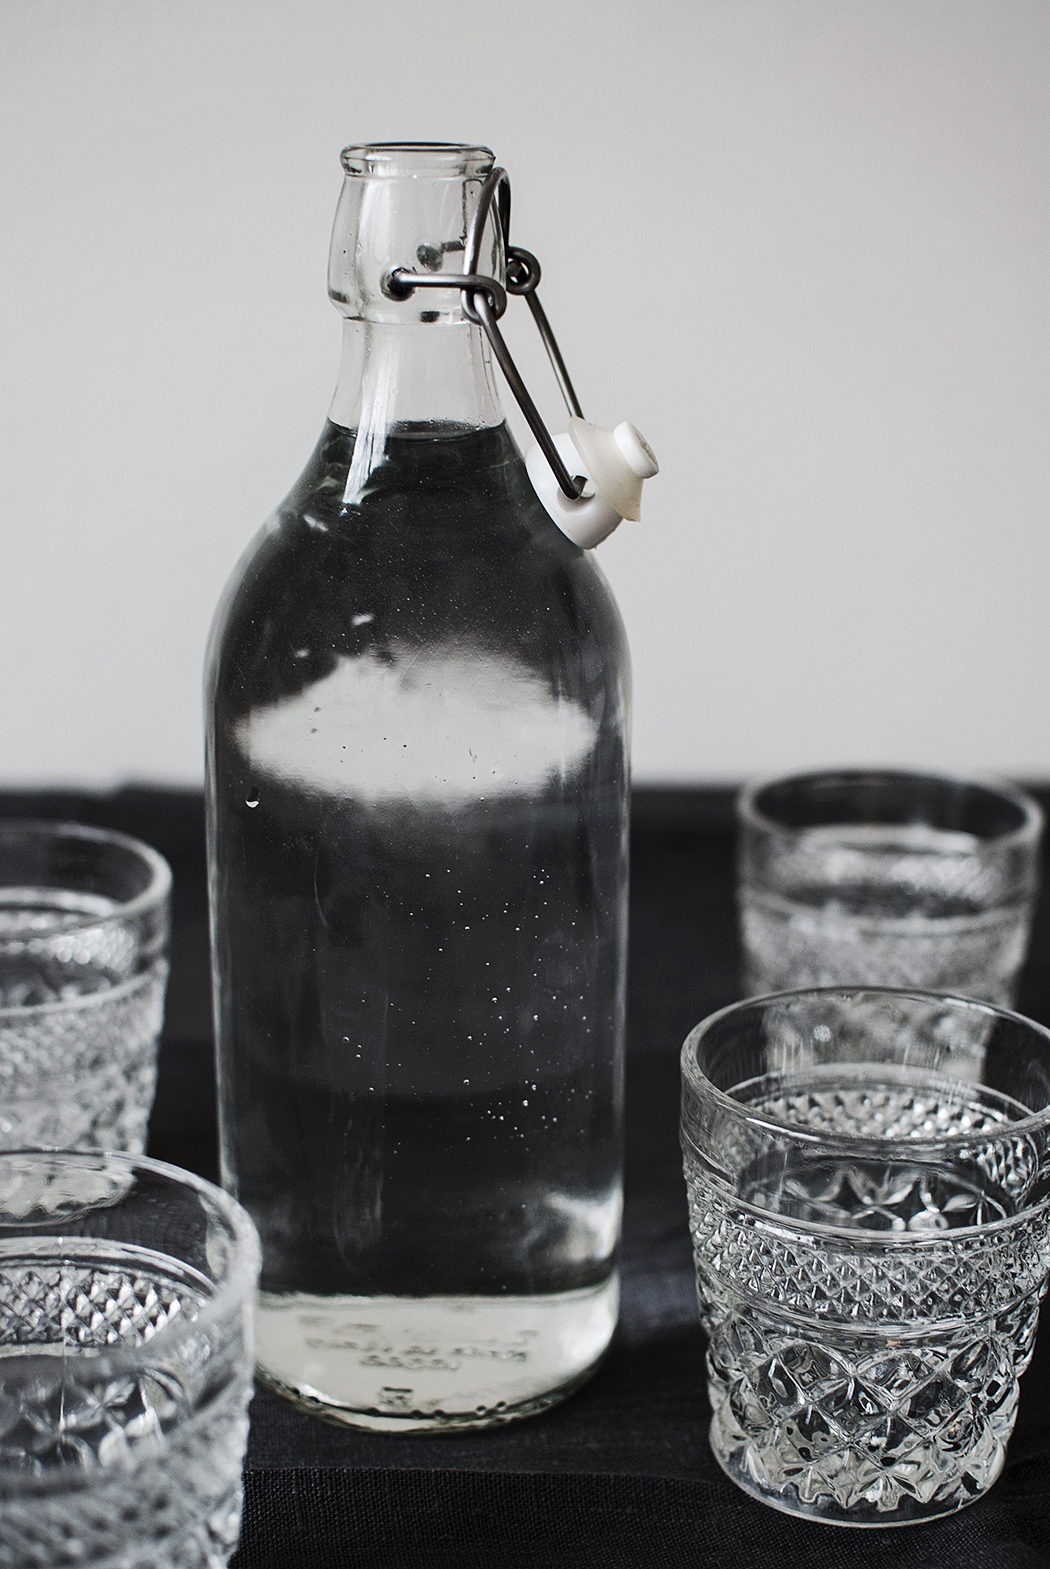 Miljötips: välj kranvatten över flaskvatten